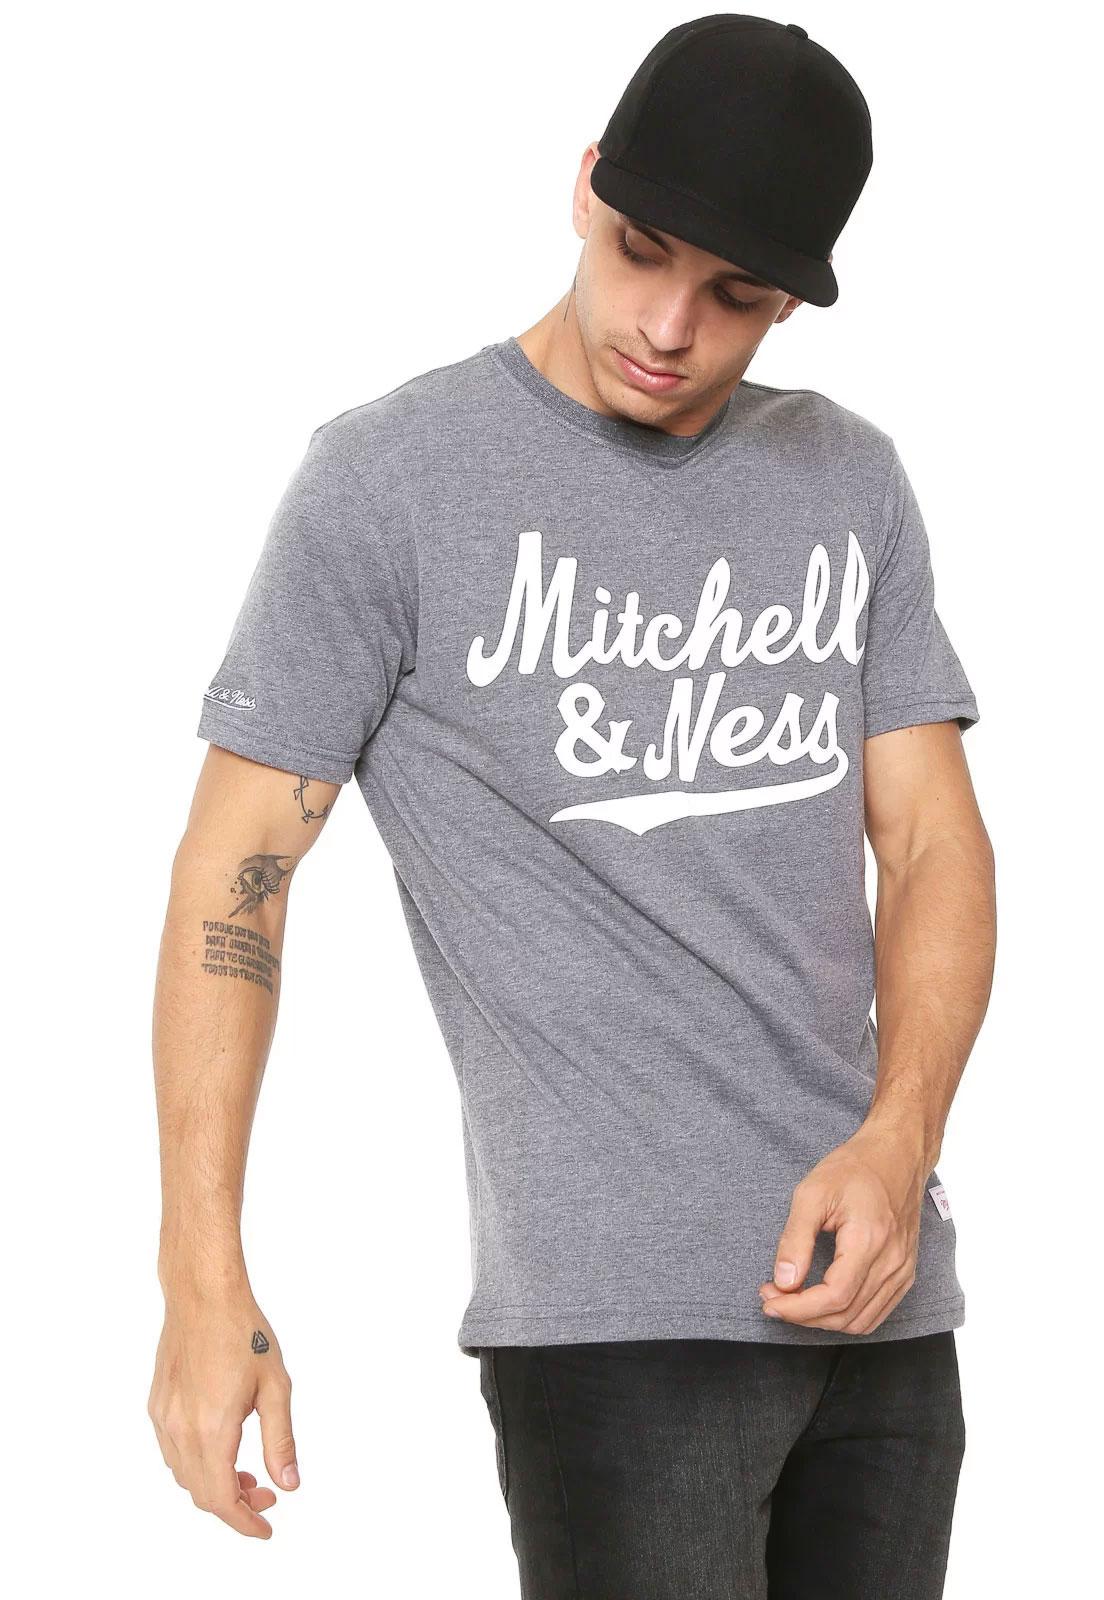 Camisa Assinatura Mitchell & Ness